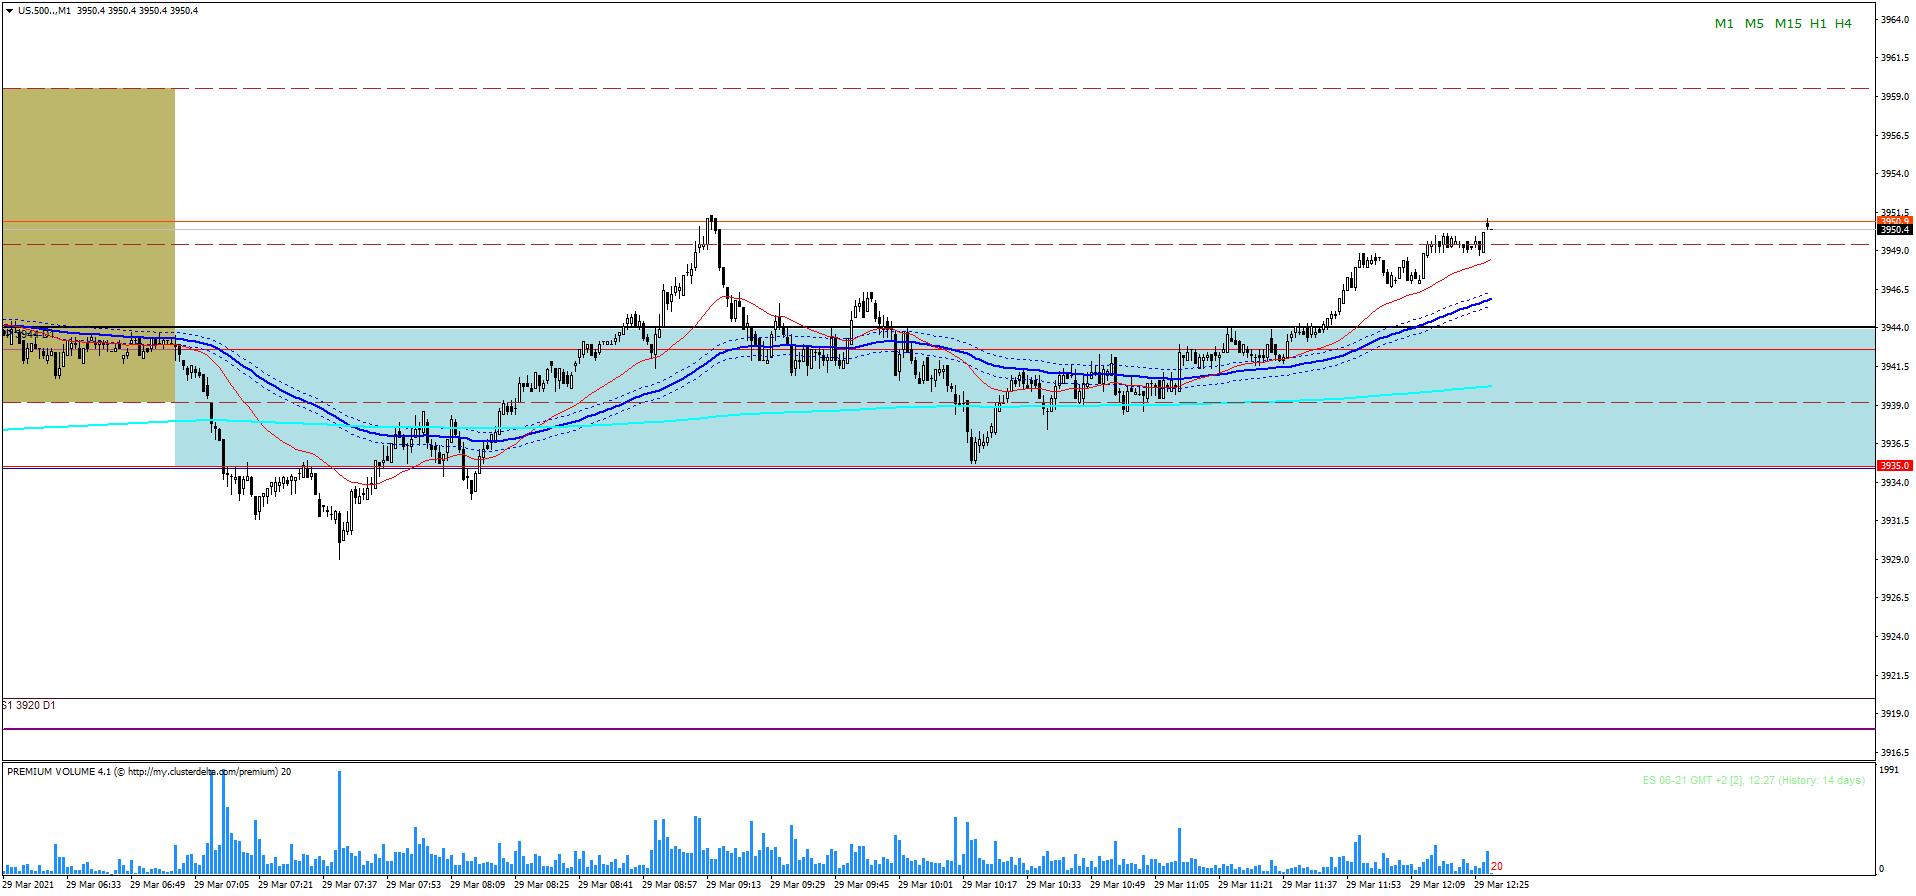 Indeksy - S&P